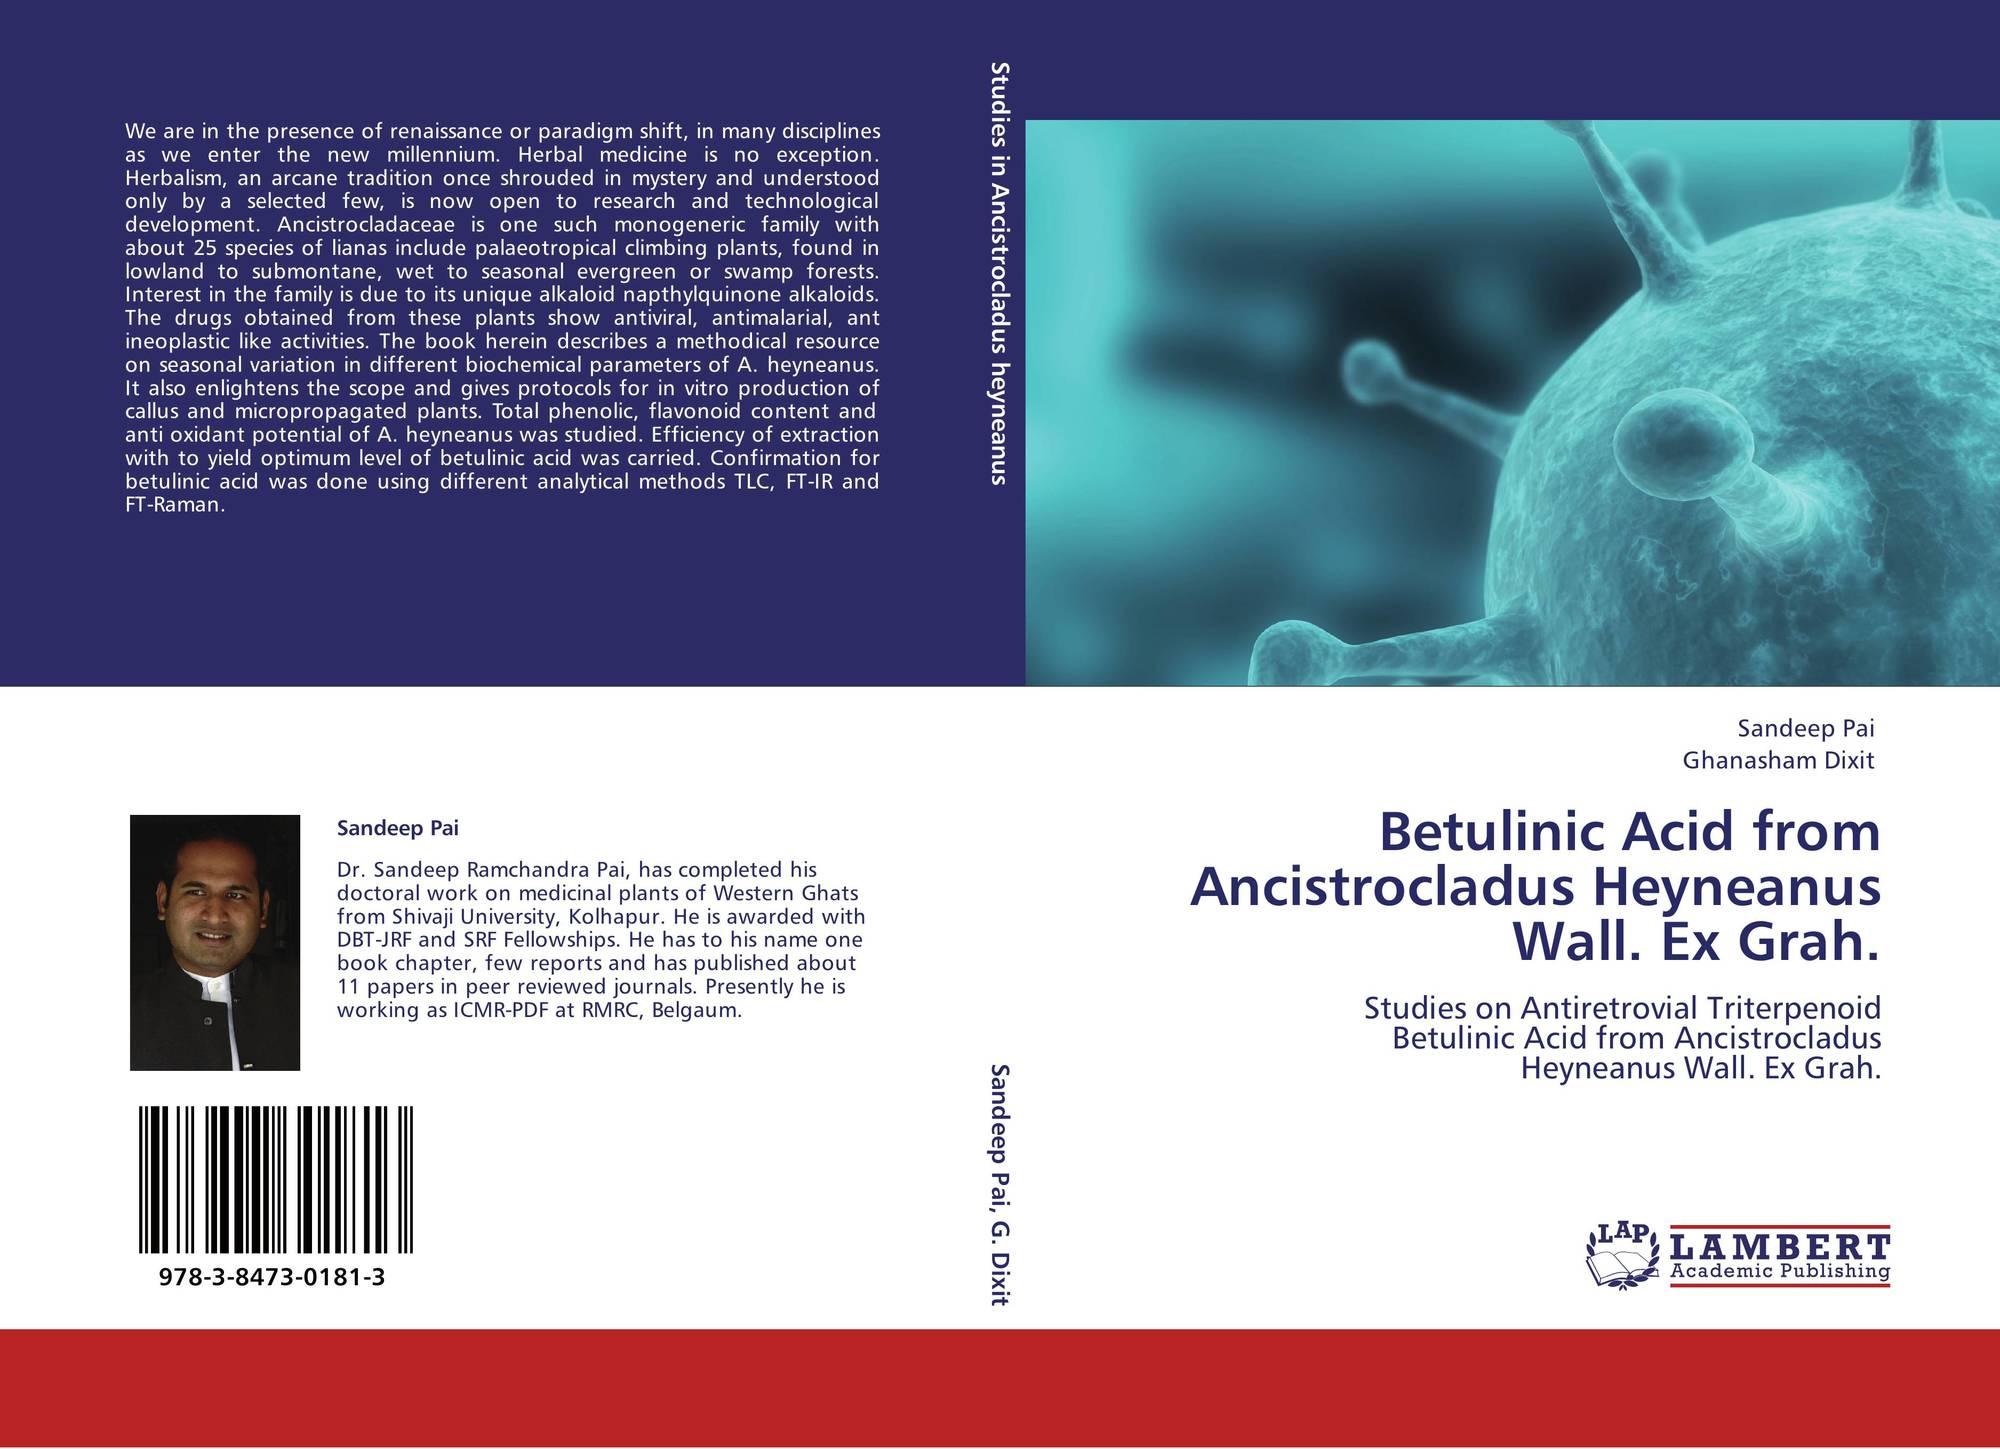 Betulinic Acid from Ancistrocladus Heyneanus Wall. Ex Grah.